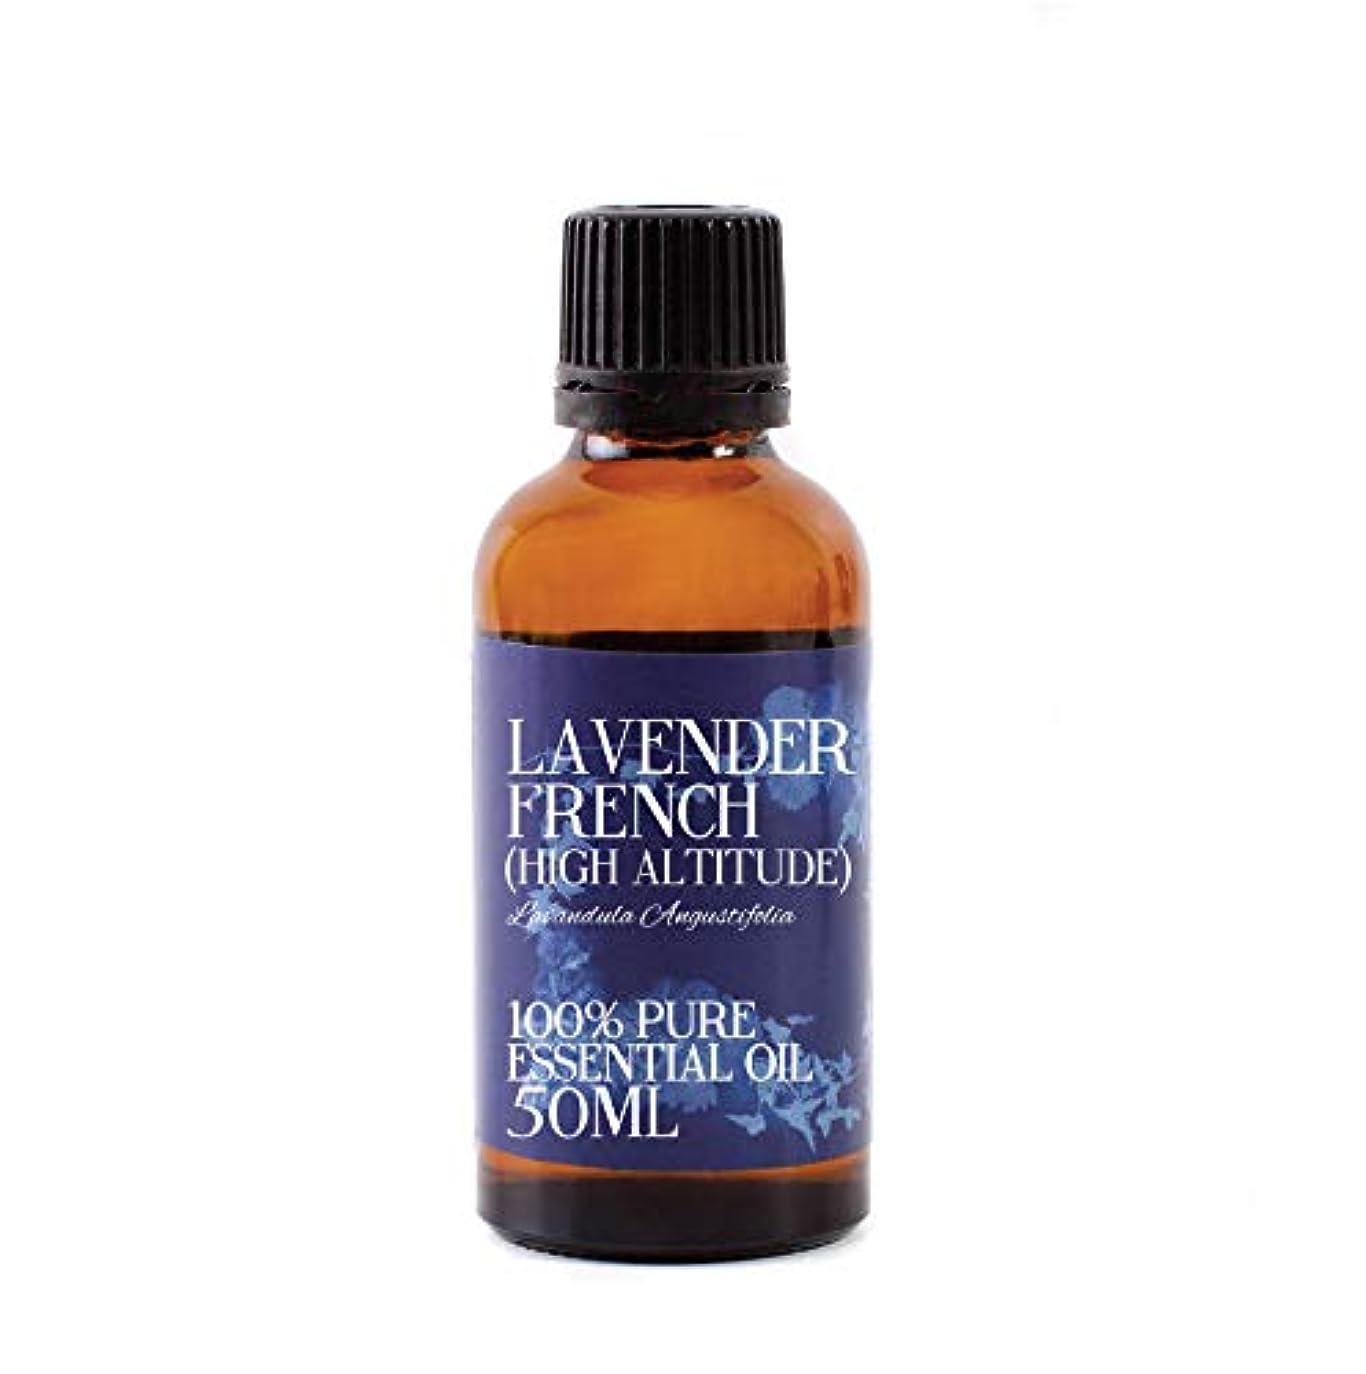 息子ラショナル呼吸するMystic Moments | Lavender French (High Altitude) Essential Oil - 50ml - 100% Pure